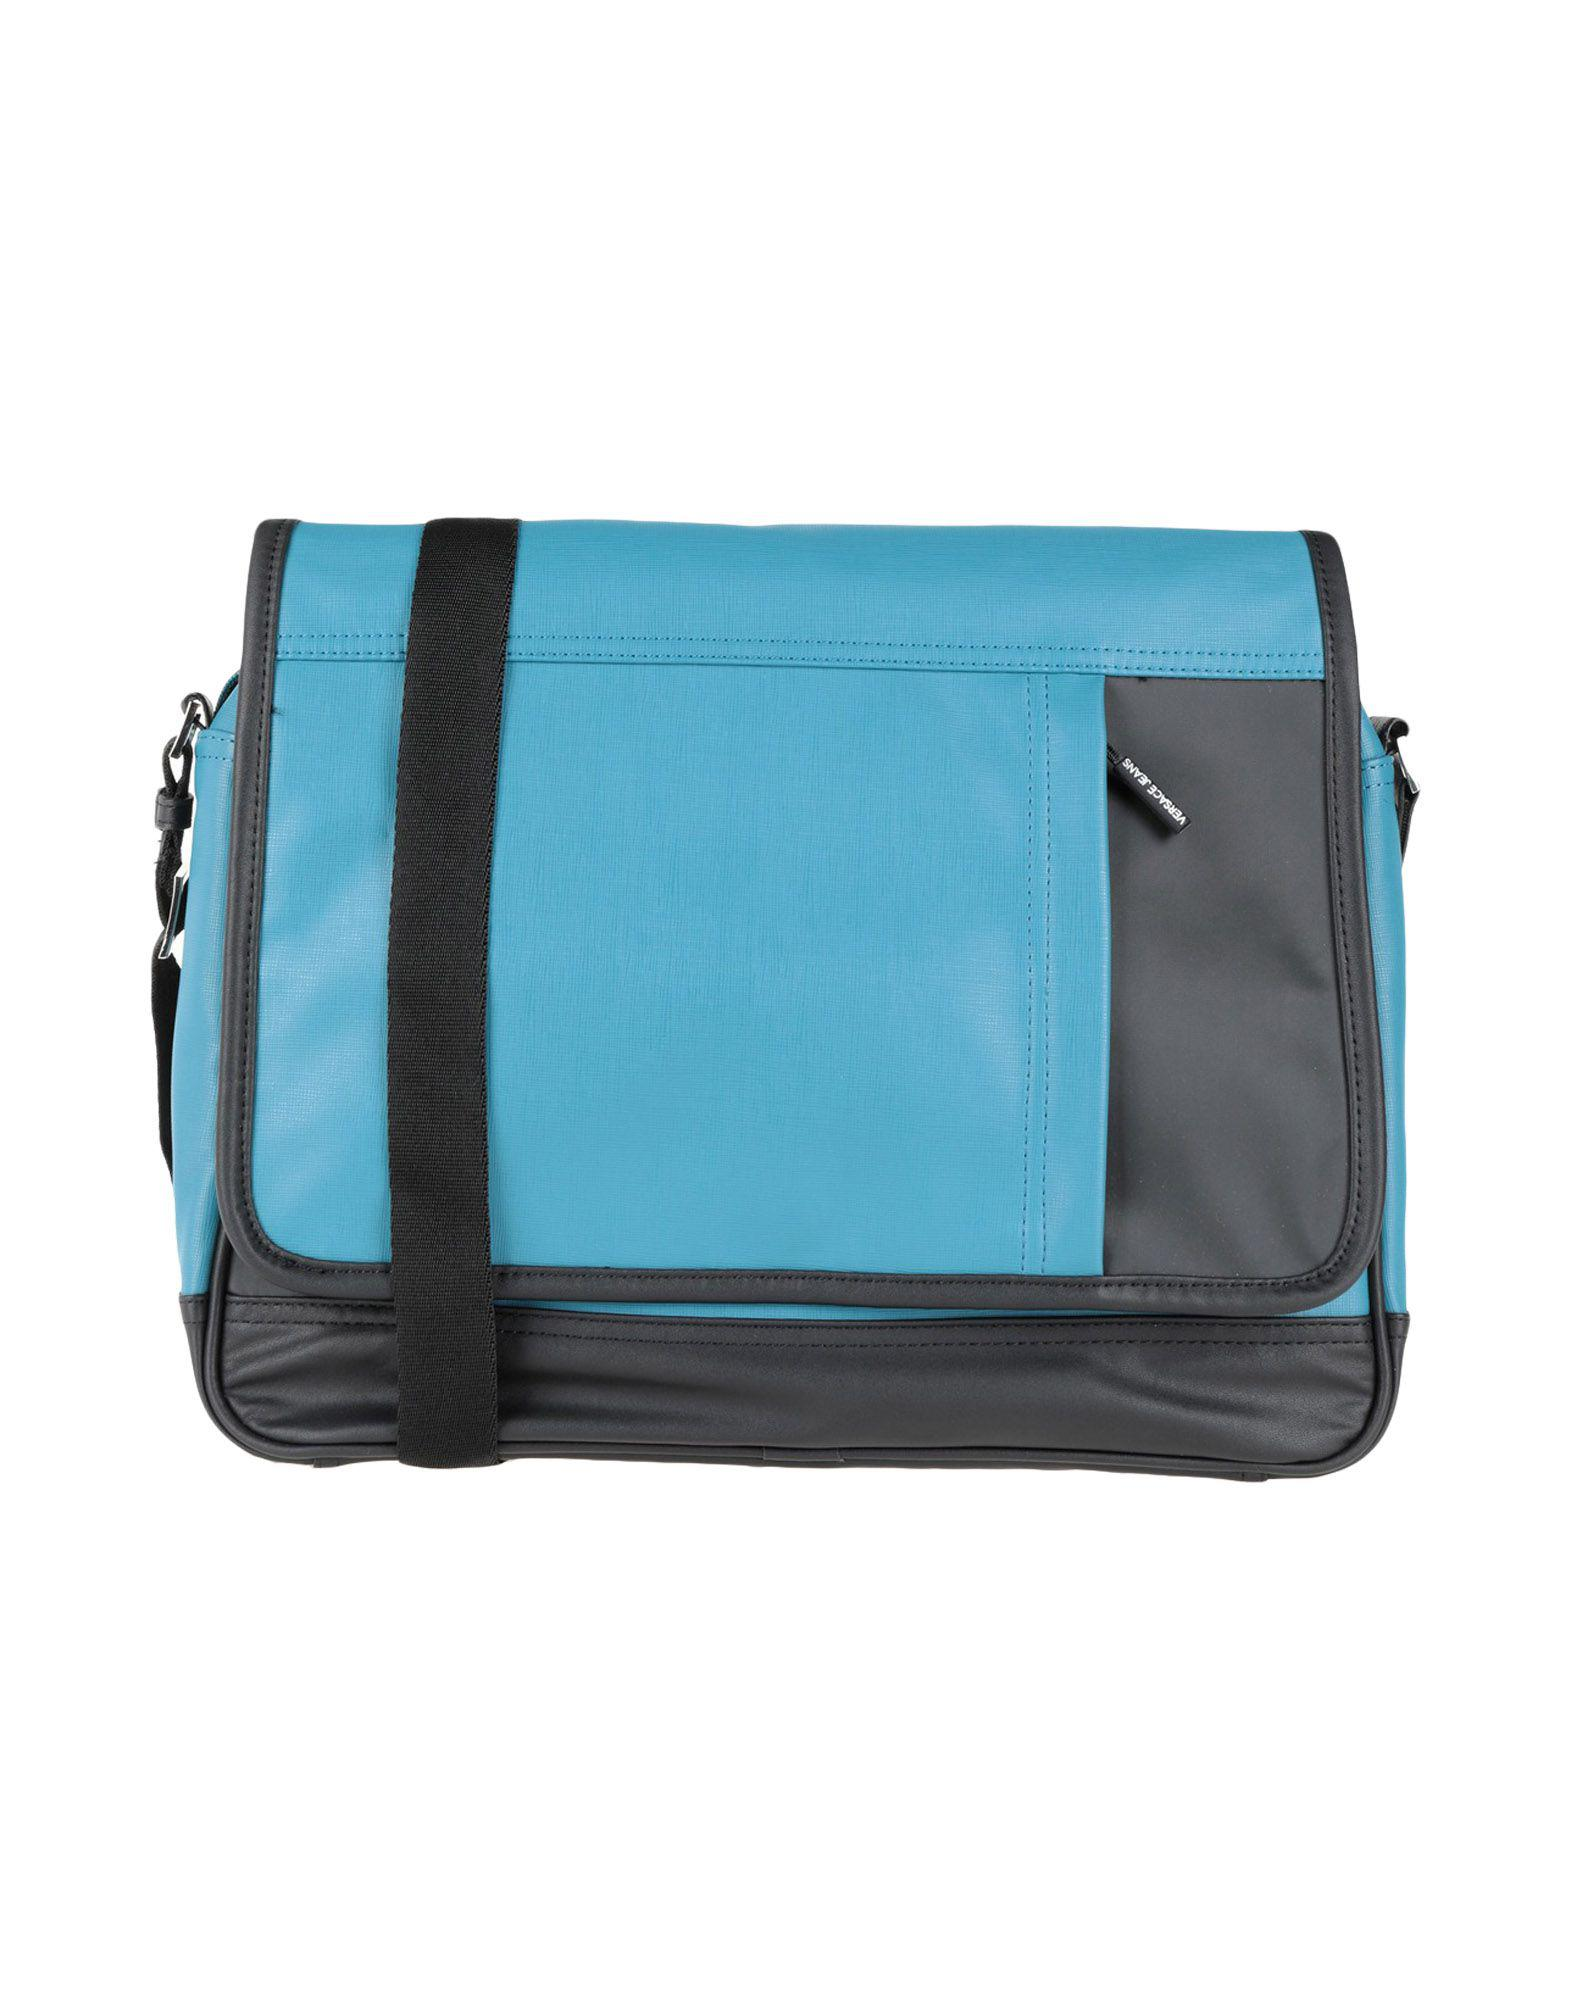 30d2107a2484 Versace Jeans - Blue Cross-body Bag for Men - Lyst. View fullscreen